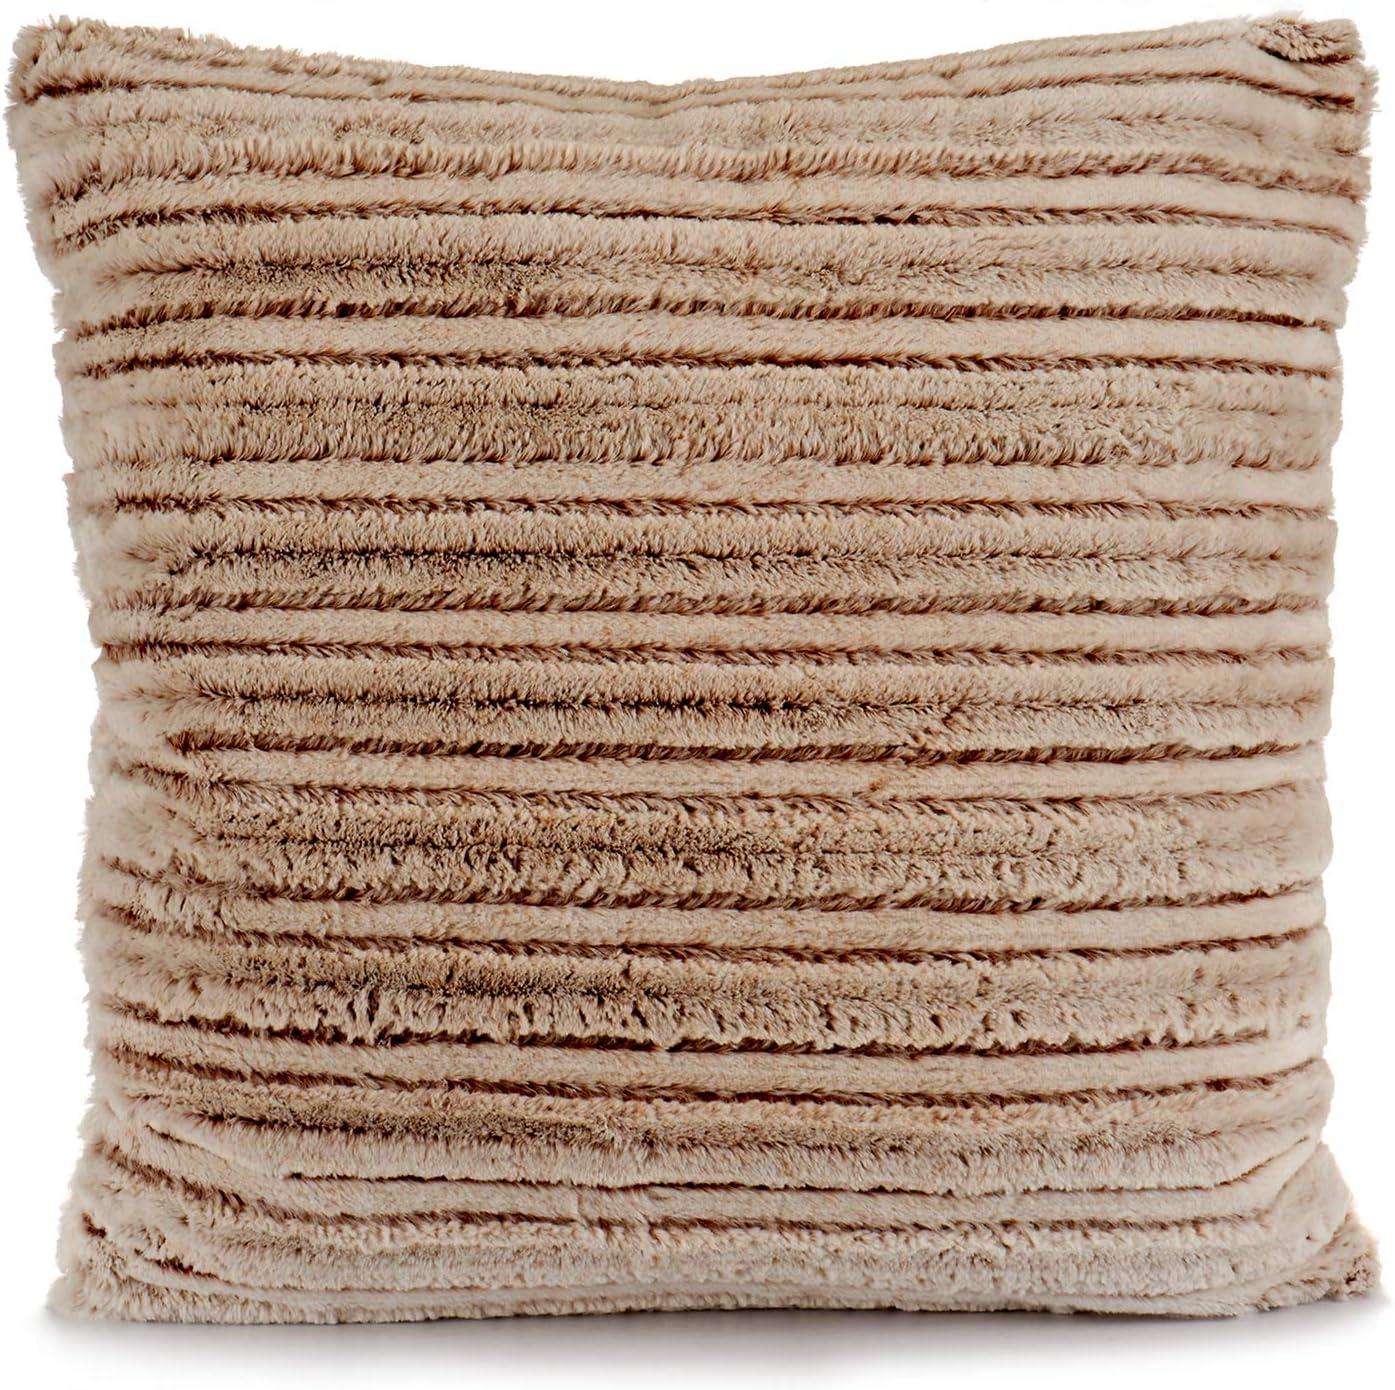 TU TENDENCIA UNICA Cojín de Pelo sintético Color Beige con Relleno de algodón y poliéster. Medidas: 60 x 20 x 60 cm: Amazon.es: Hogar